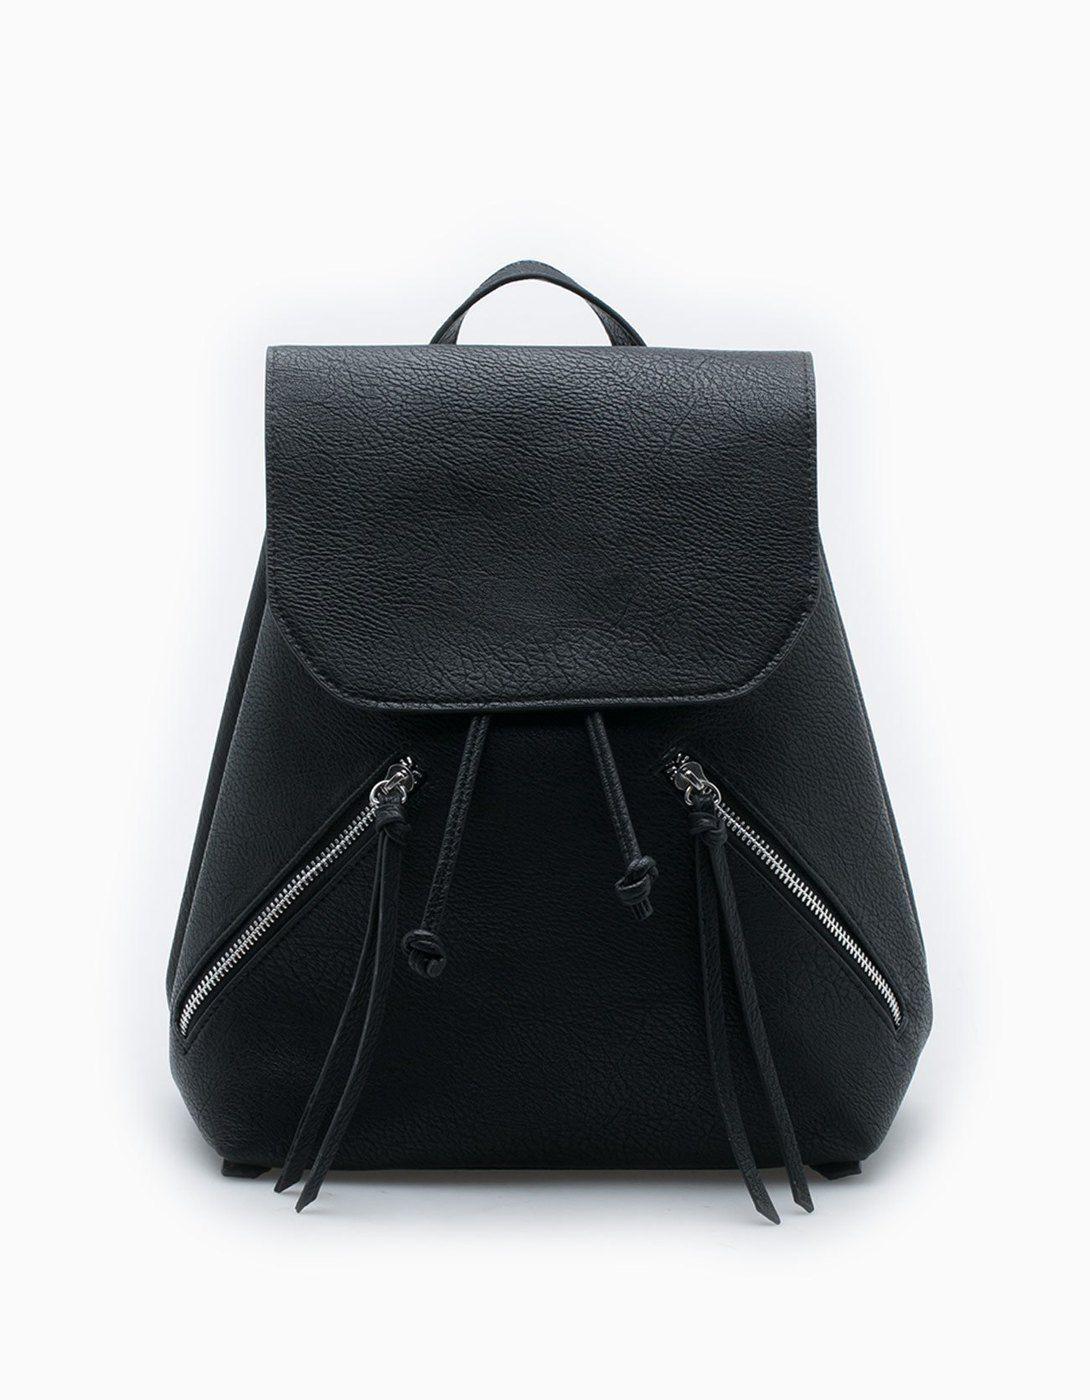 9c37f98be4fb Mini backpack with zip detail - Bags   Stradivarius Croatia   my ...